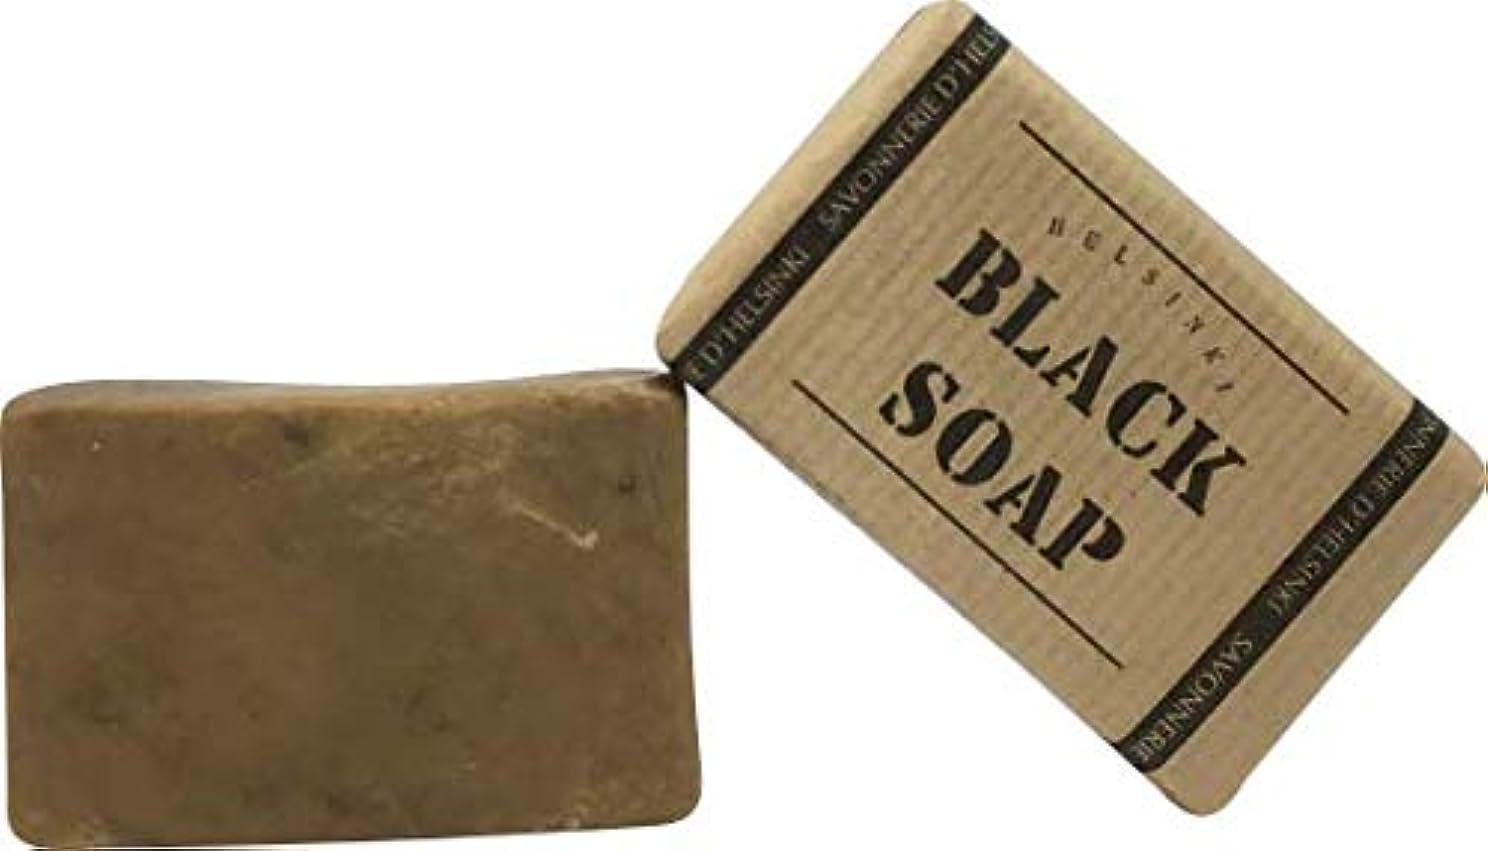 素人連隊ロック解除89028 The BLACK SOAP (ブラックソープ) 80g 【Helsinki Soap Factory (ヘルシンキソープファクトリー)】